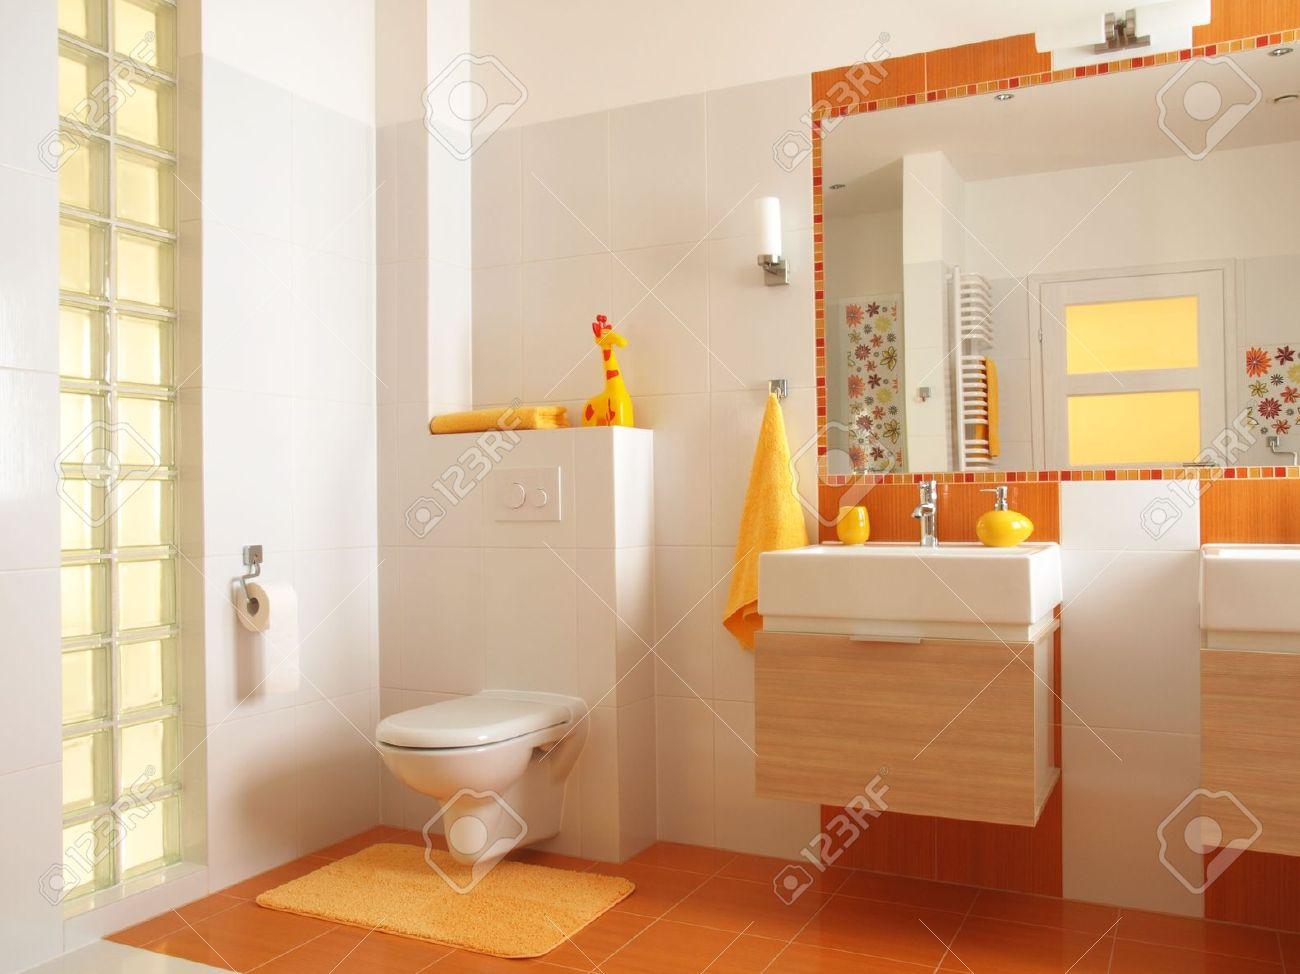 Salle De Bain Minerale ~ Salle De Bain Pour Les Enfants Bienvenus Avec Des Carreaux Oranges